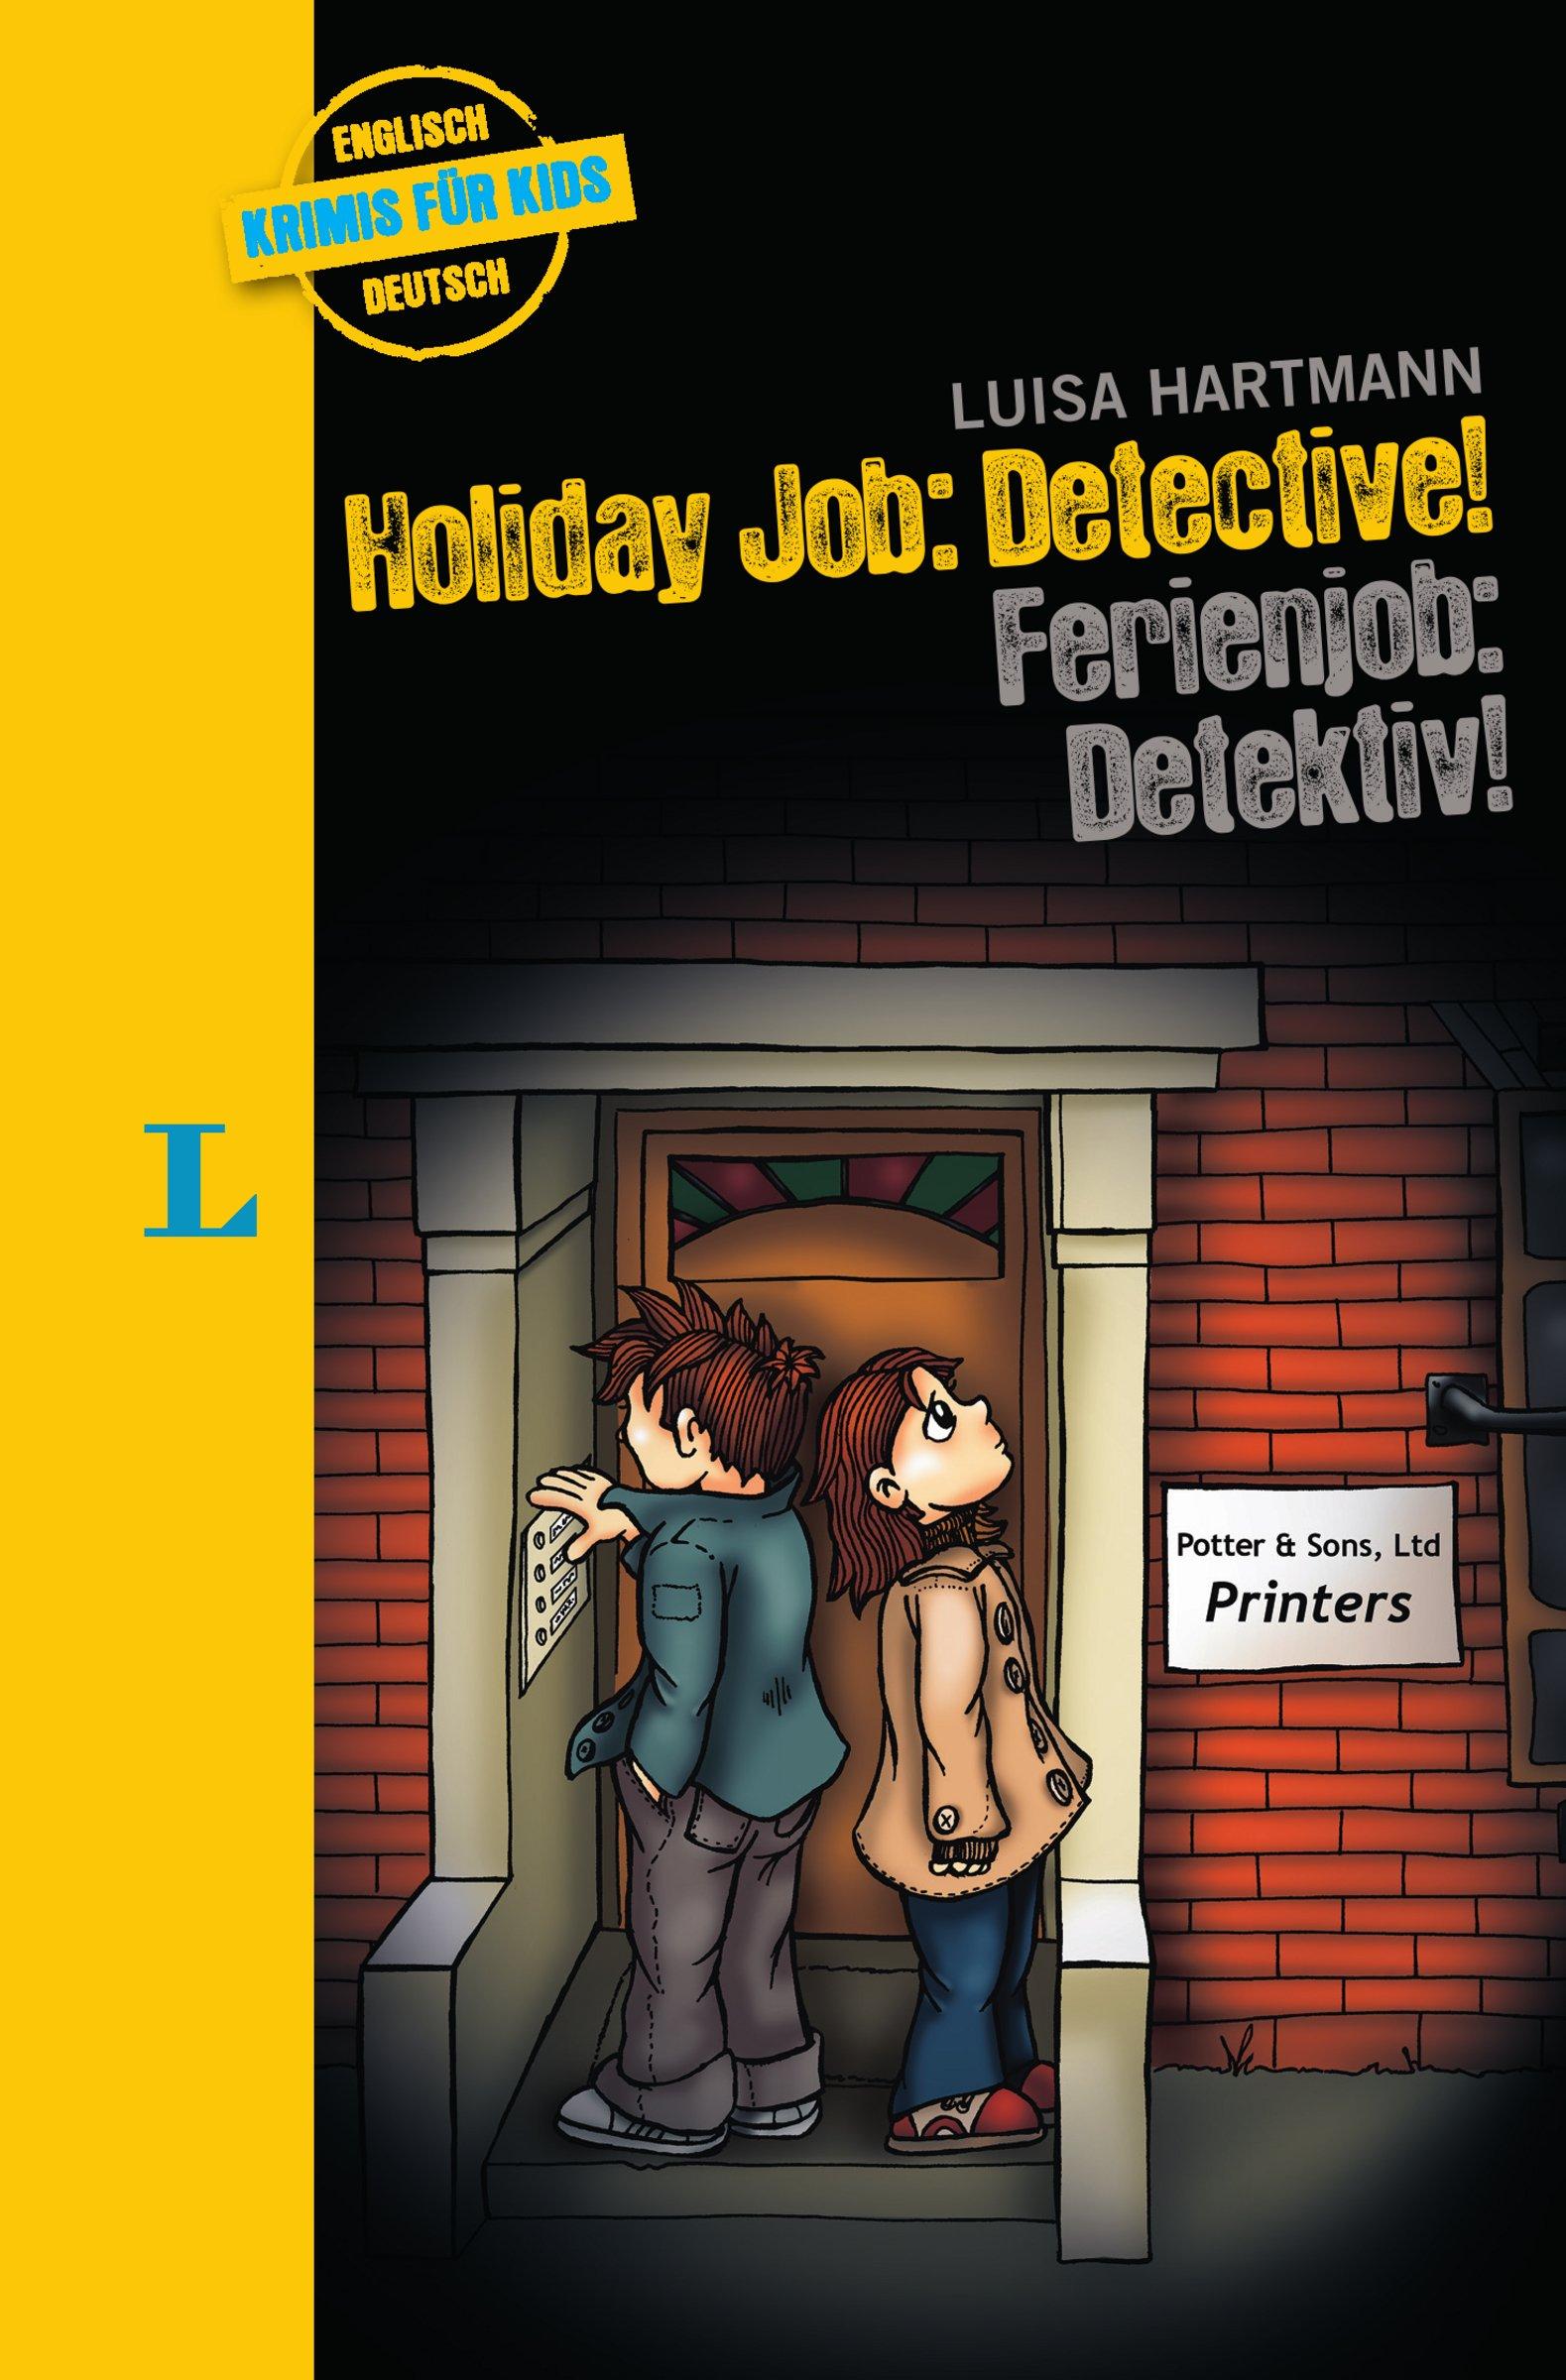 Holiday Job: Detective! - Ferienjob: Detektiv! (Englische Krimis für Kids) (Englisch) Taschenbuch – 6. Juli 2011 Luisa Hartmann Anette Kannenberg Langenscheidt 346820826X